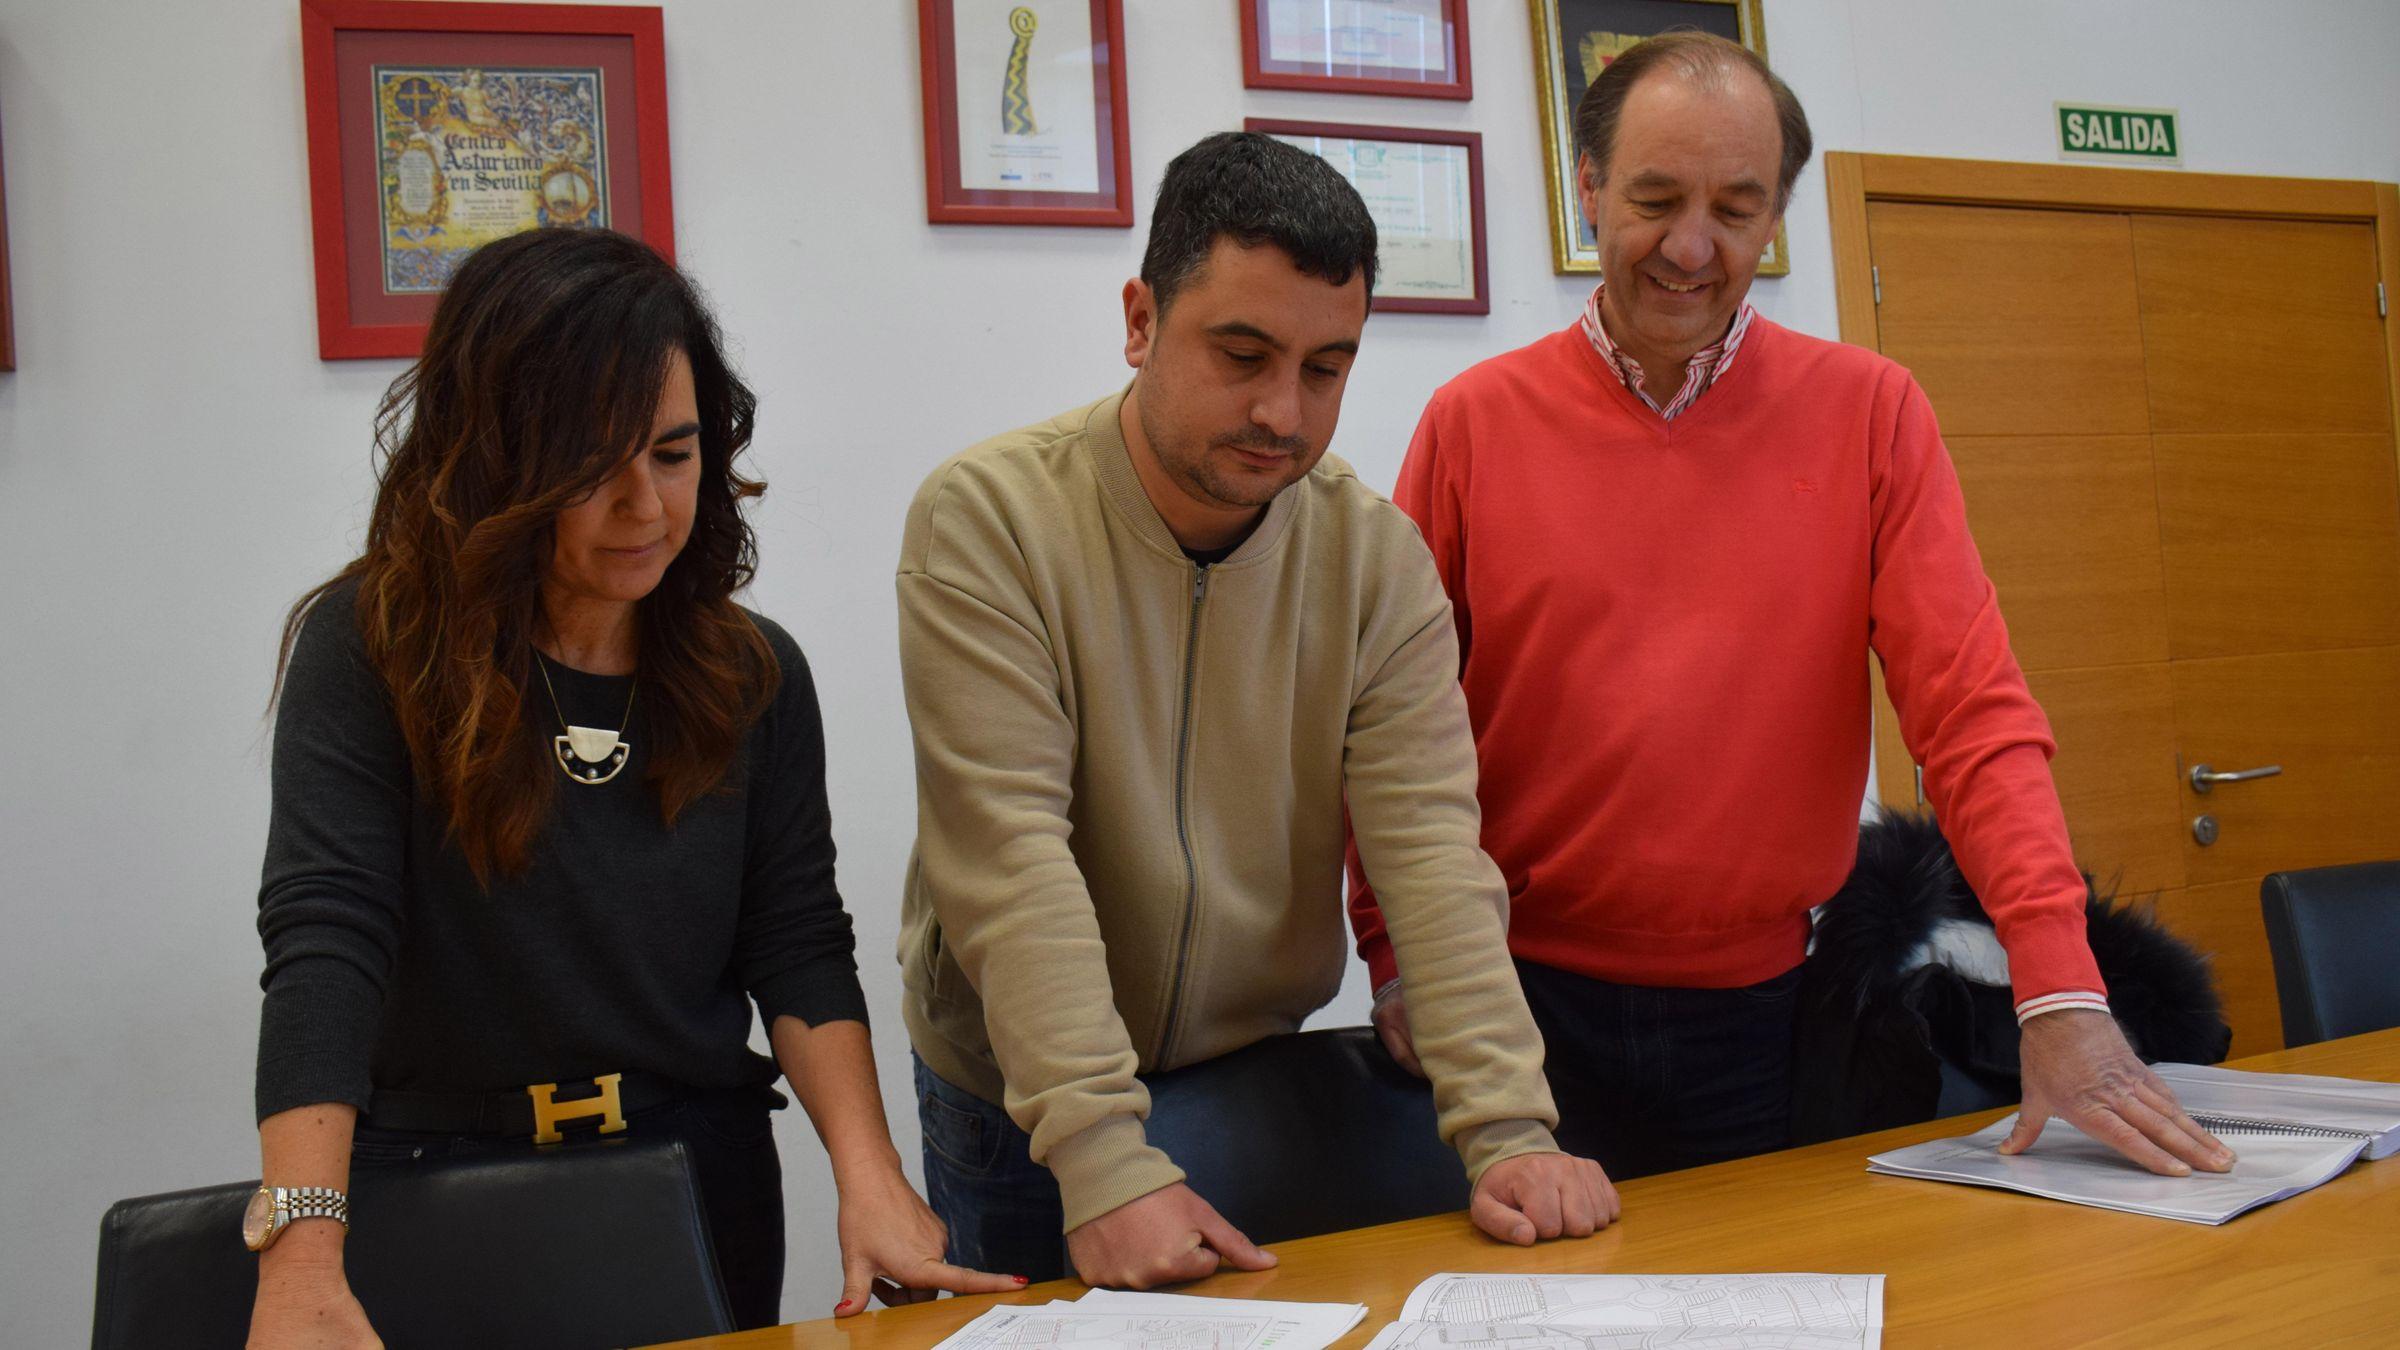 La nieve dificulta el tráfico en la autopista del Huerna.El coordinador general de IU Asturias, Ramón Argüelles, ha condicionado hoy el apoyo del Grupo Parlamentario de IU al anteproyecto de ley de presupuestos generales para 2018 a que contenga una bolsa de gasto social por valor de 150 millones de euros, veinte más de la actual